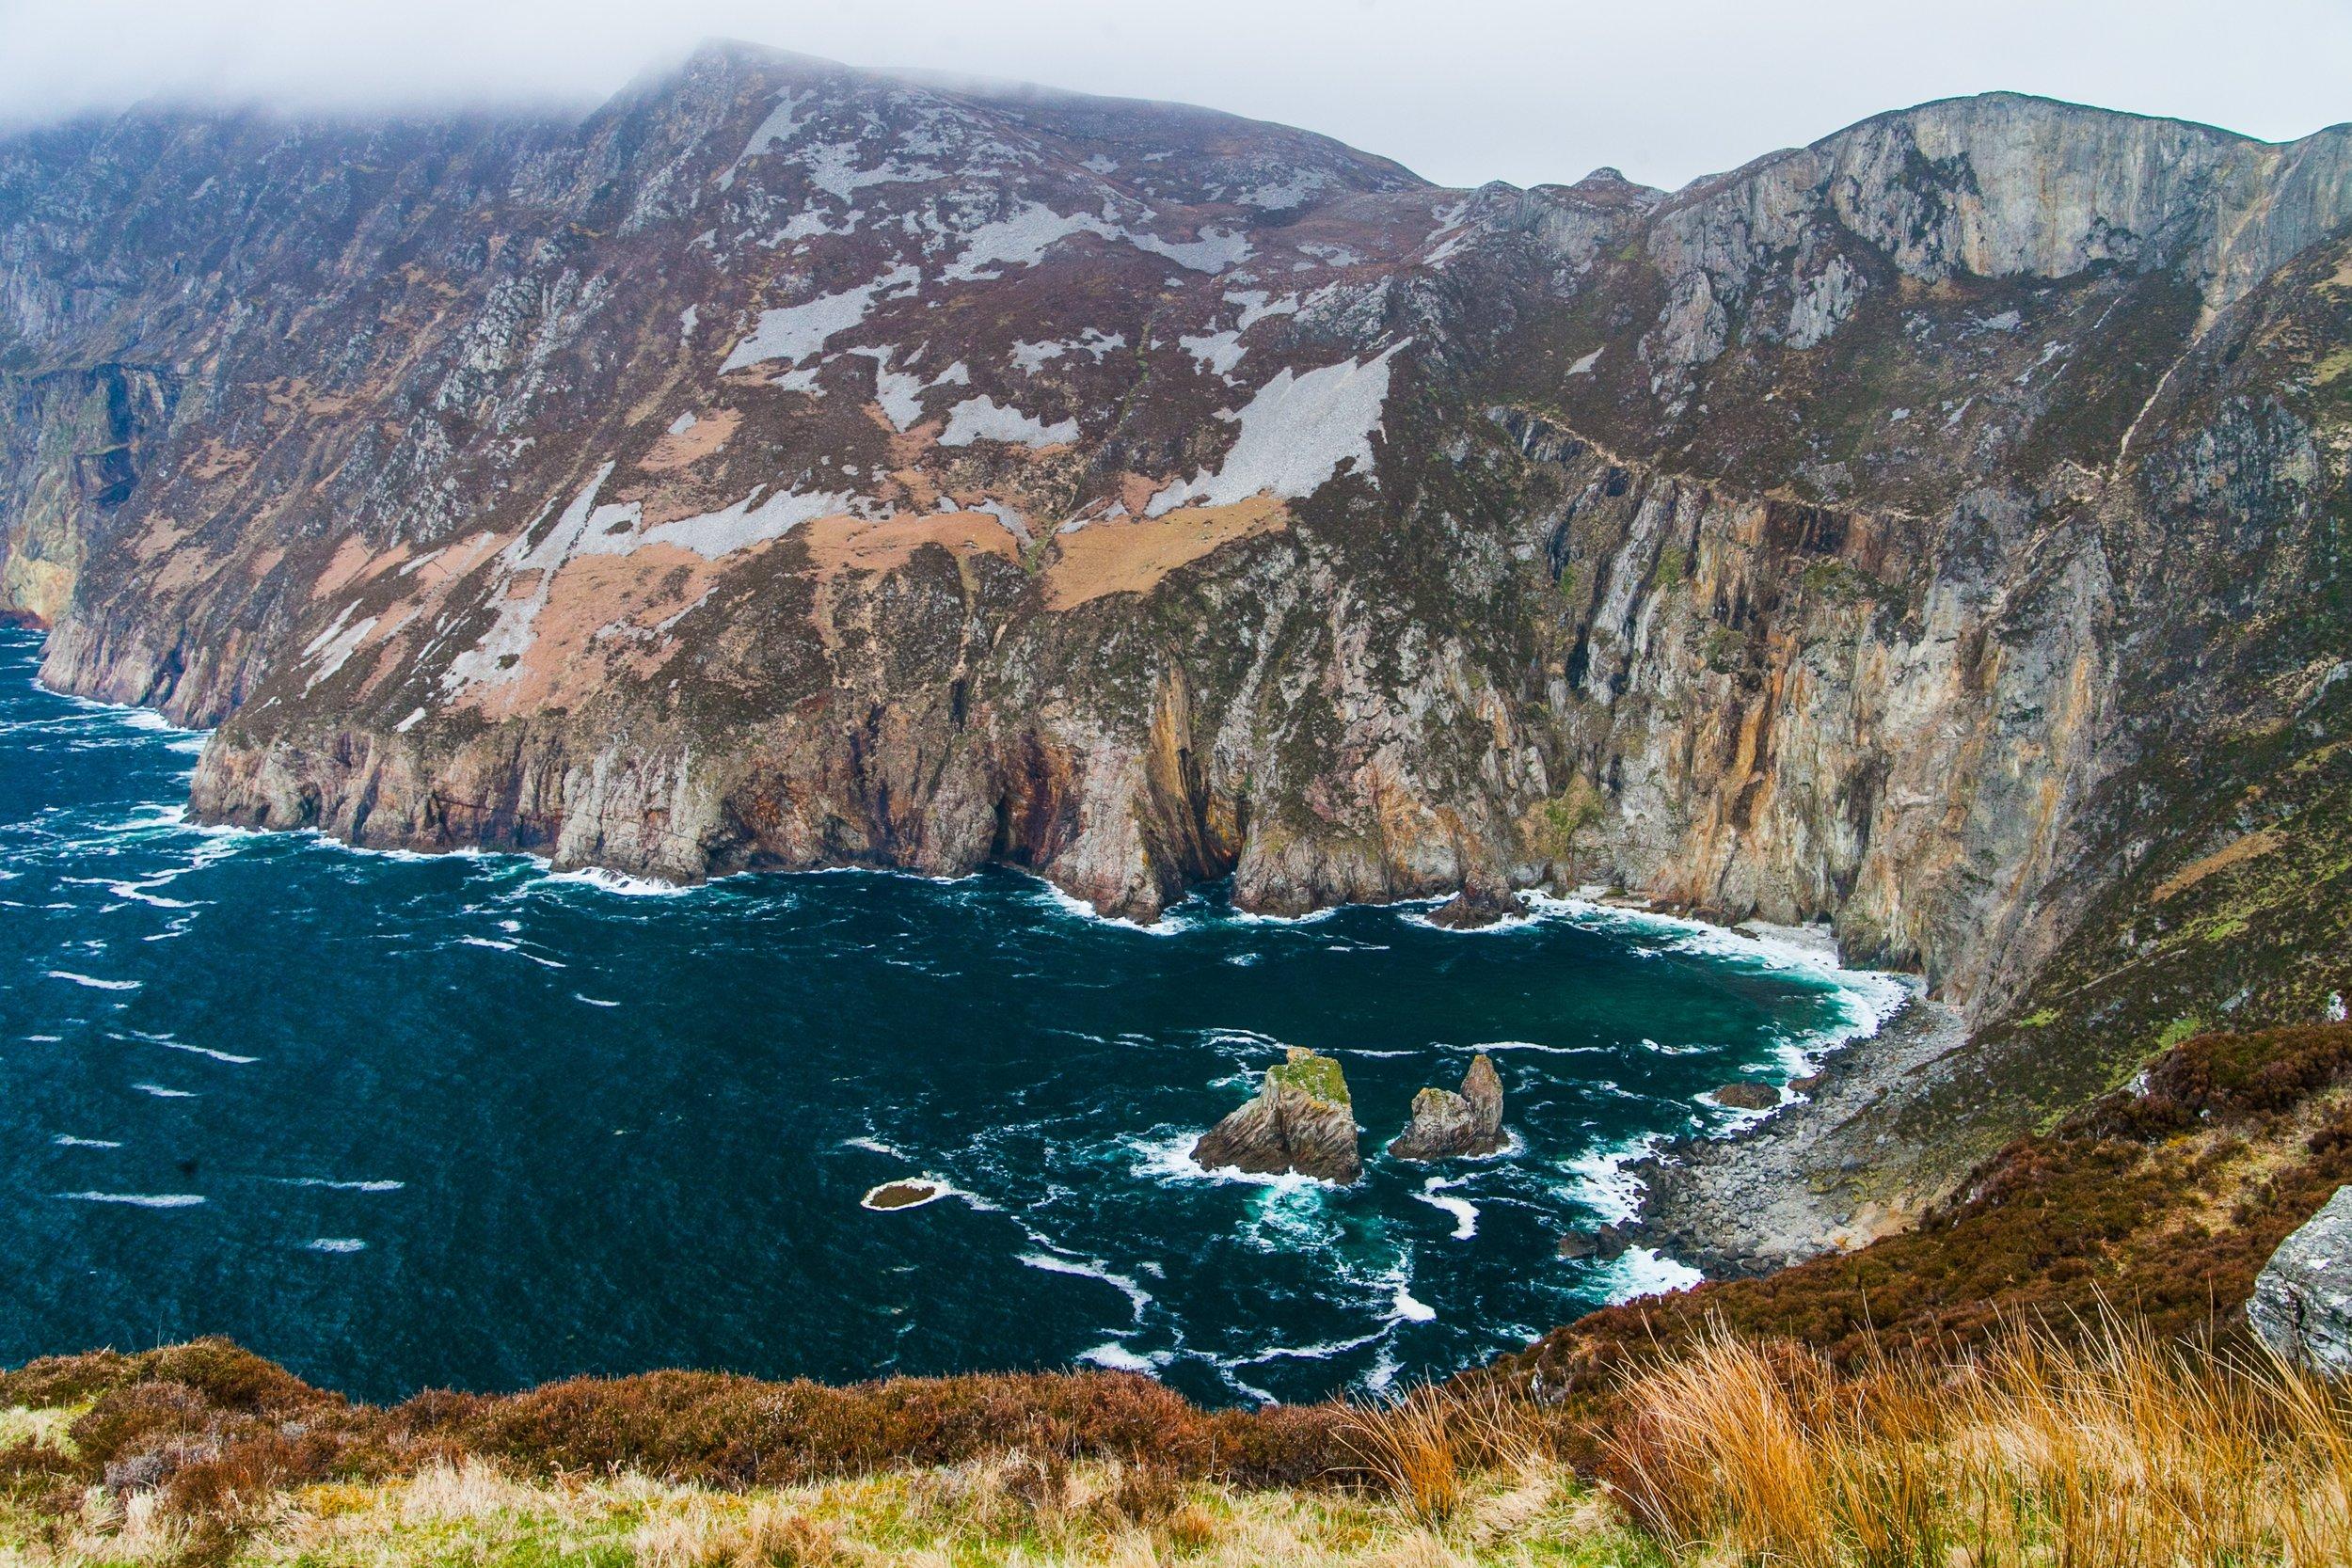 Stunning Cliffs on the Coast of Ireland